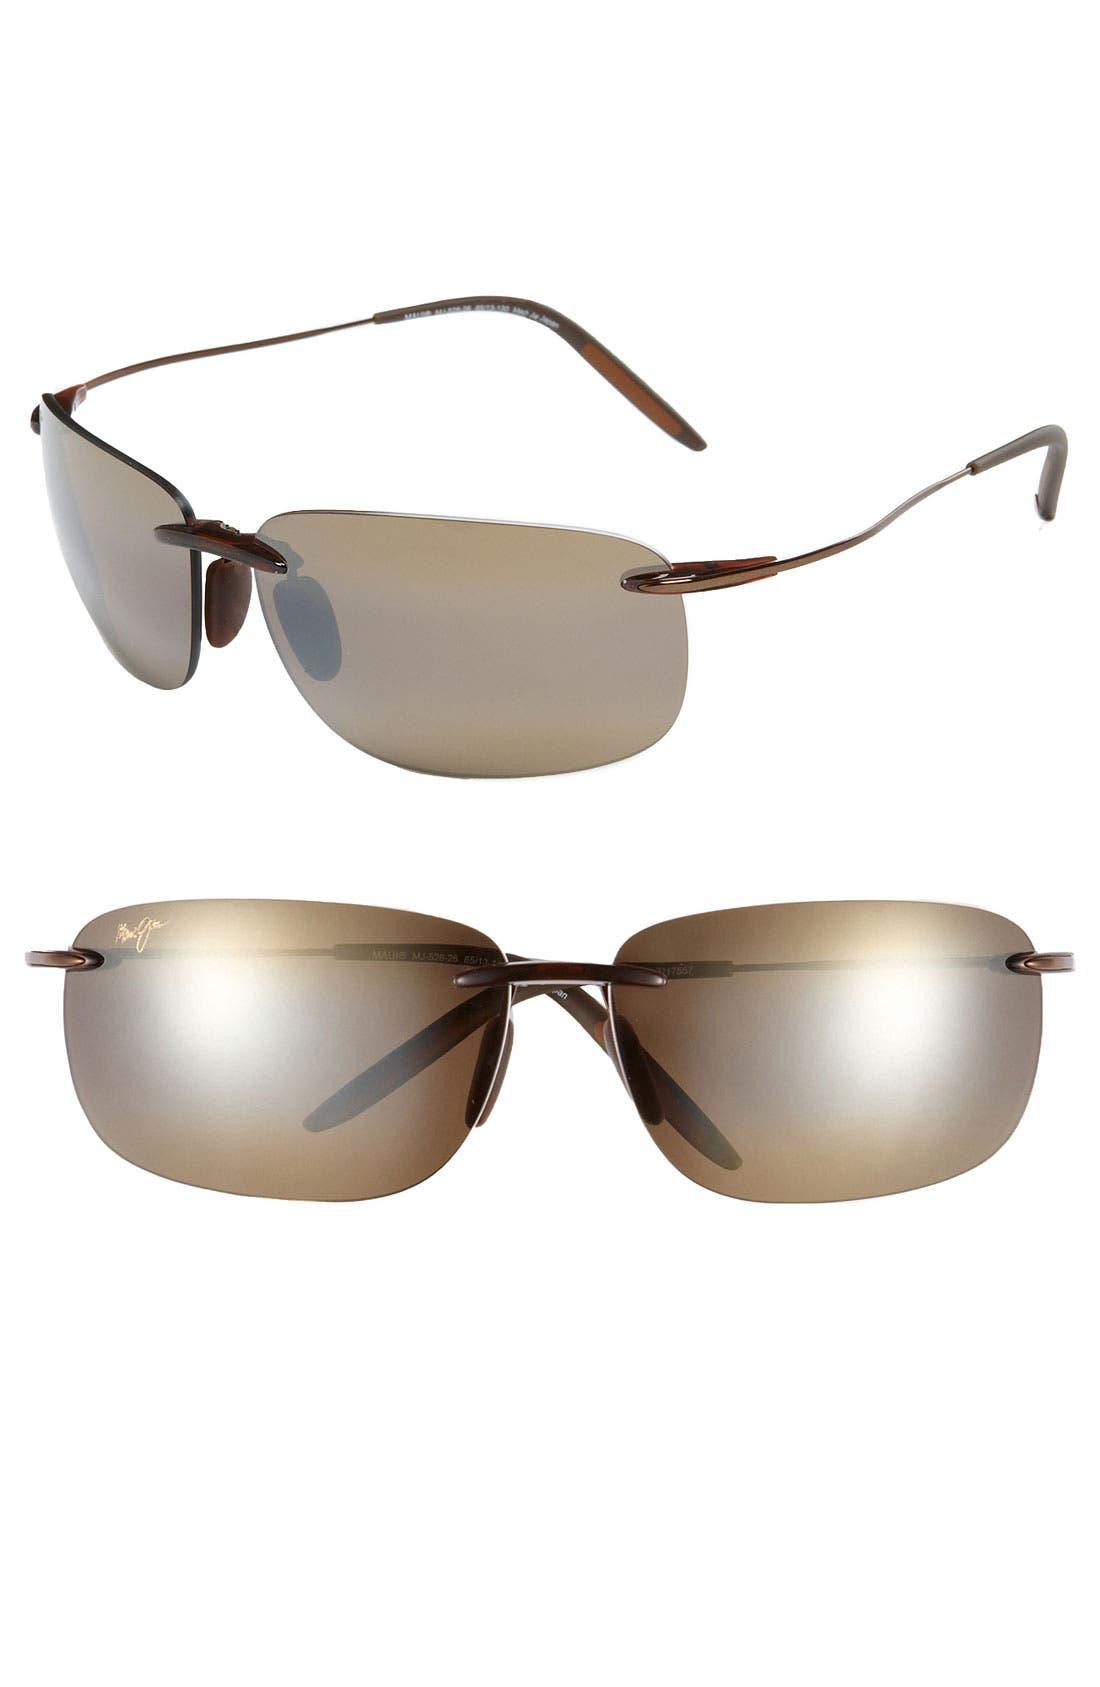 Olowalu 65mm PolarizedPlus2<sup>®</sup> Rimless Sunglasses,                             Main thumbnail 1, color,                             200